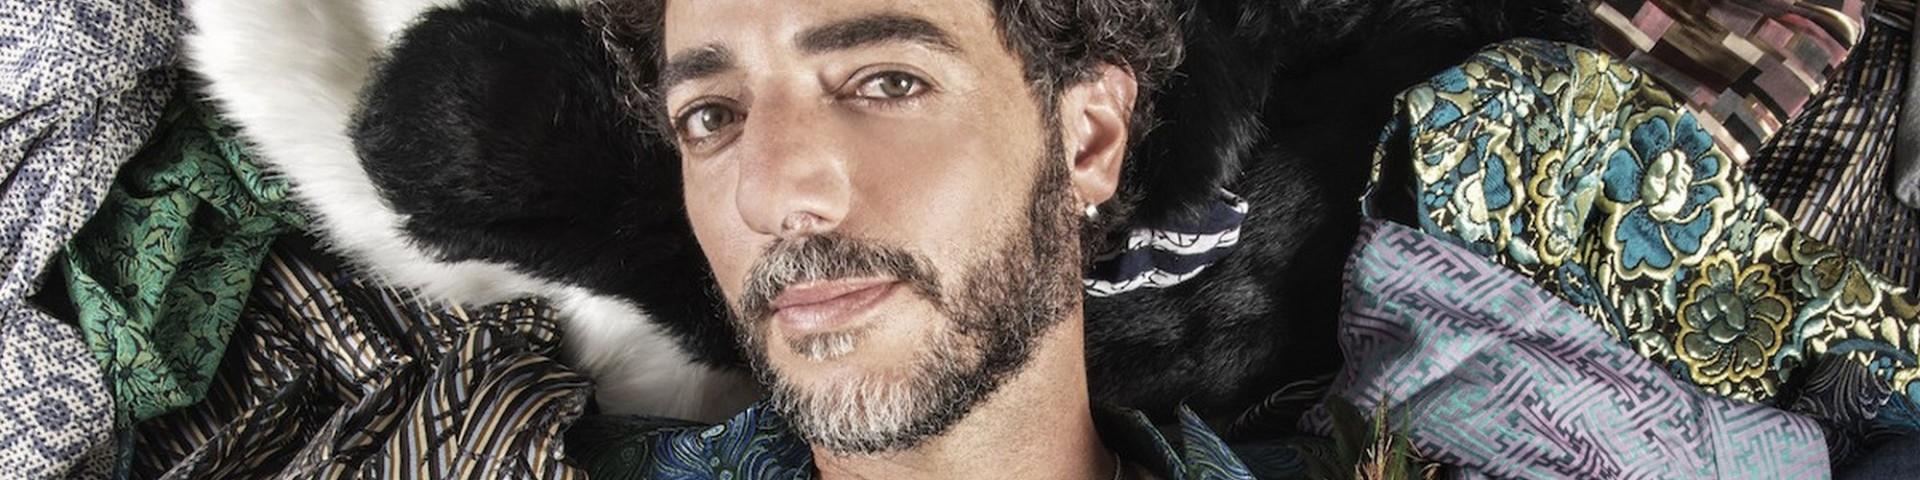 Concerto Max Gazzè a Alessano – 10 agosto: dove è, biglietti, scaletta e ospiti